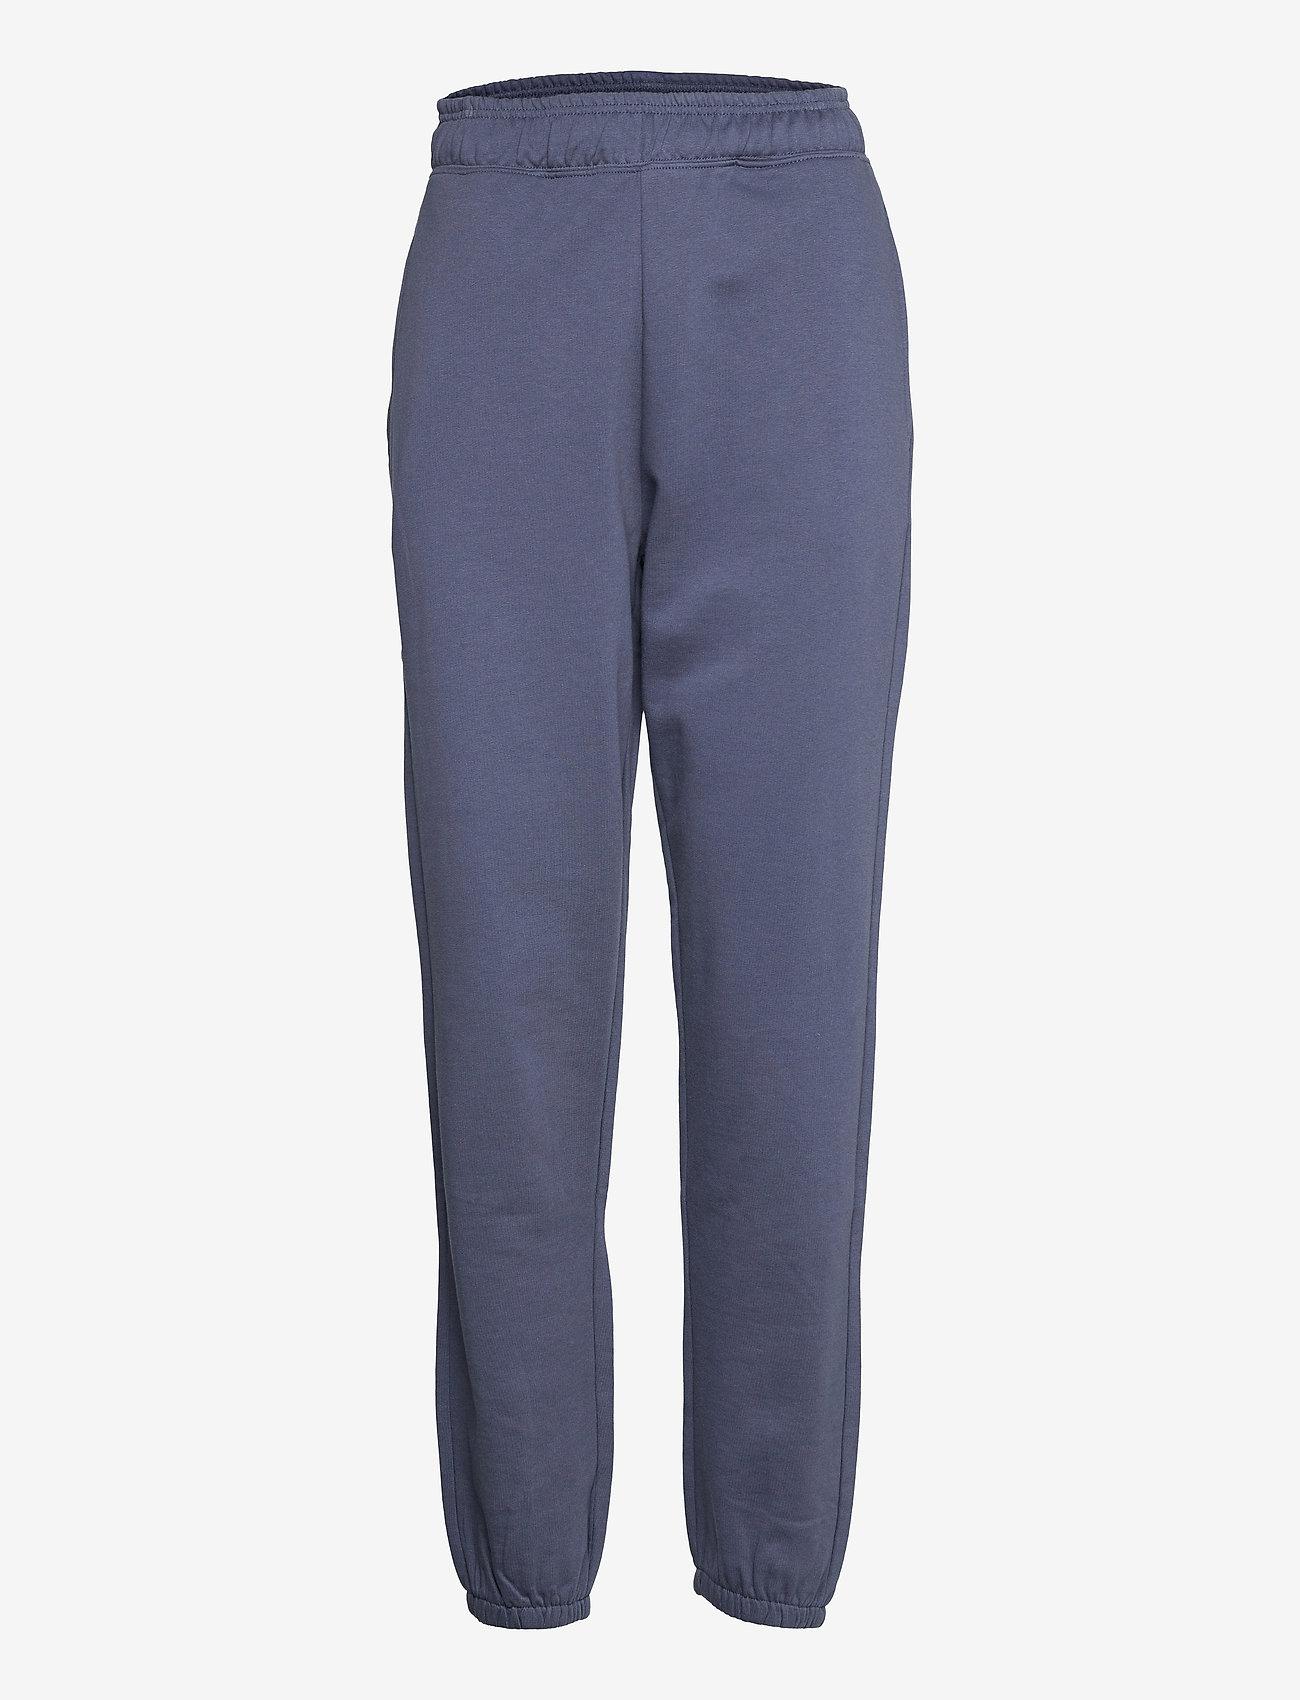 Vero Moda - VMODEZ HW SWEAT PANTS VMA - kläder - vintage indigo - 0